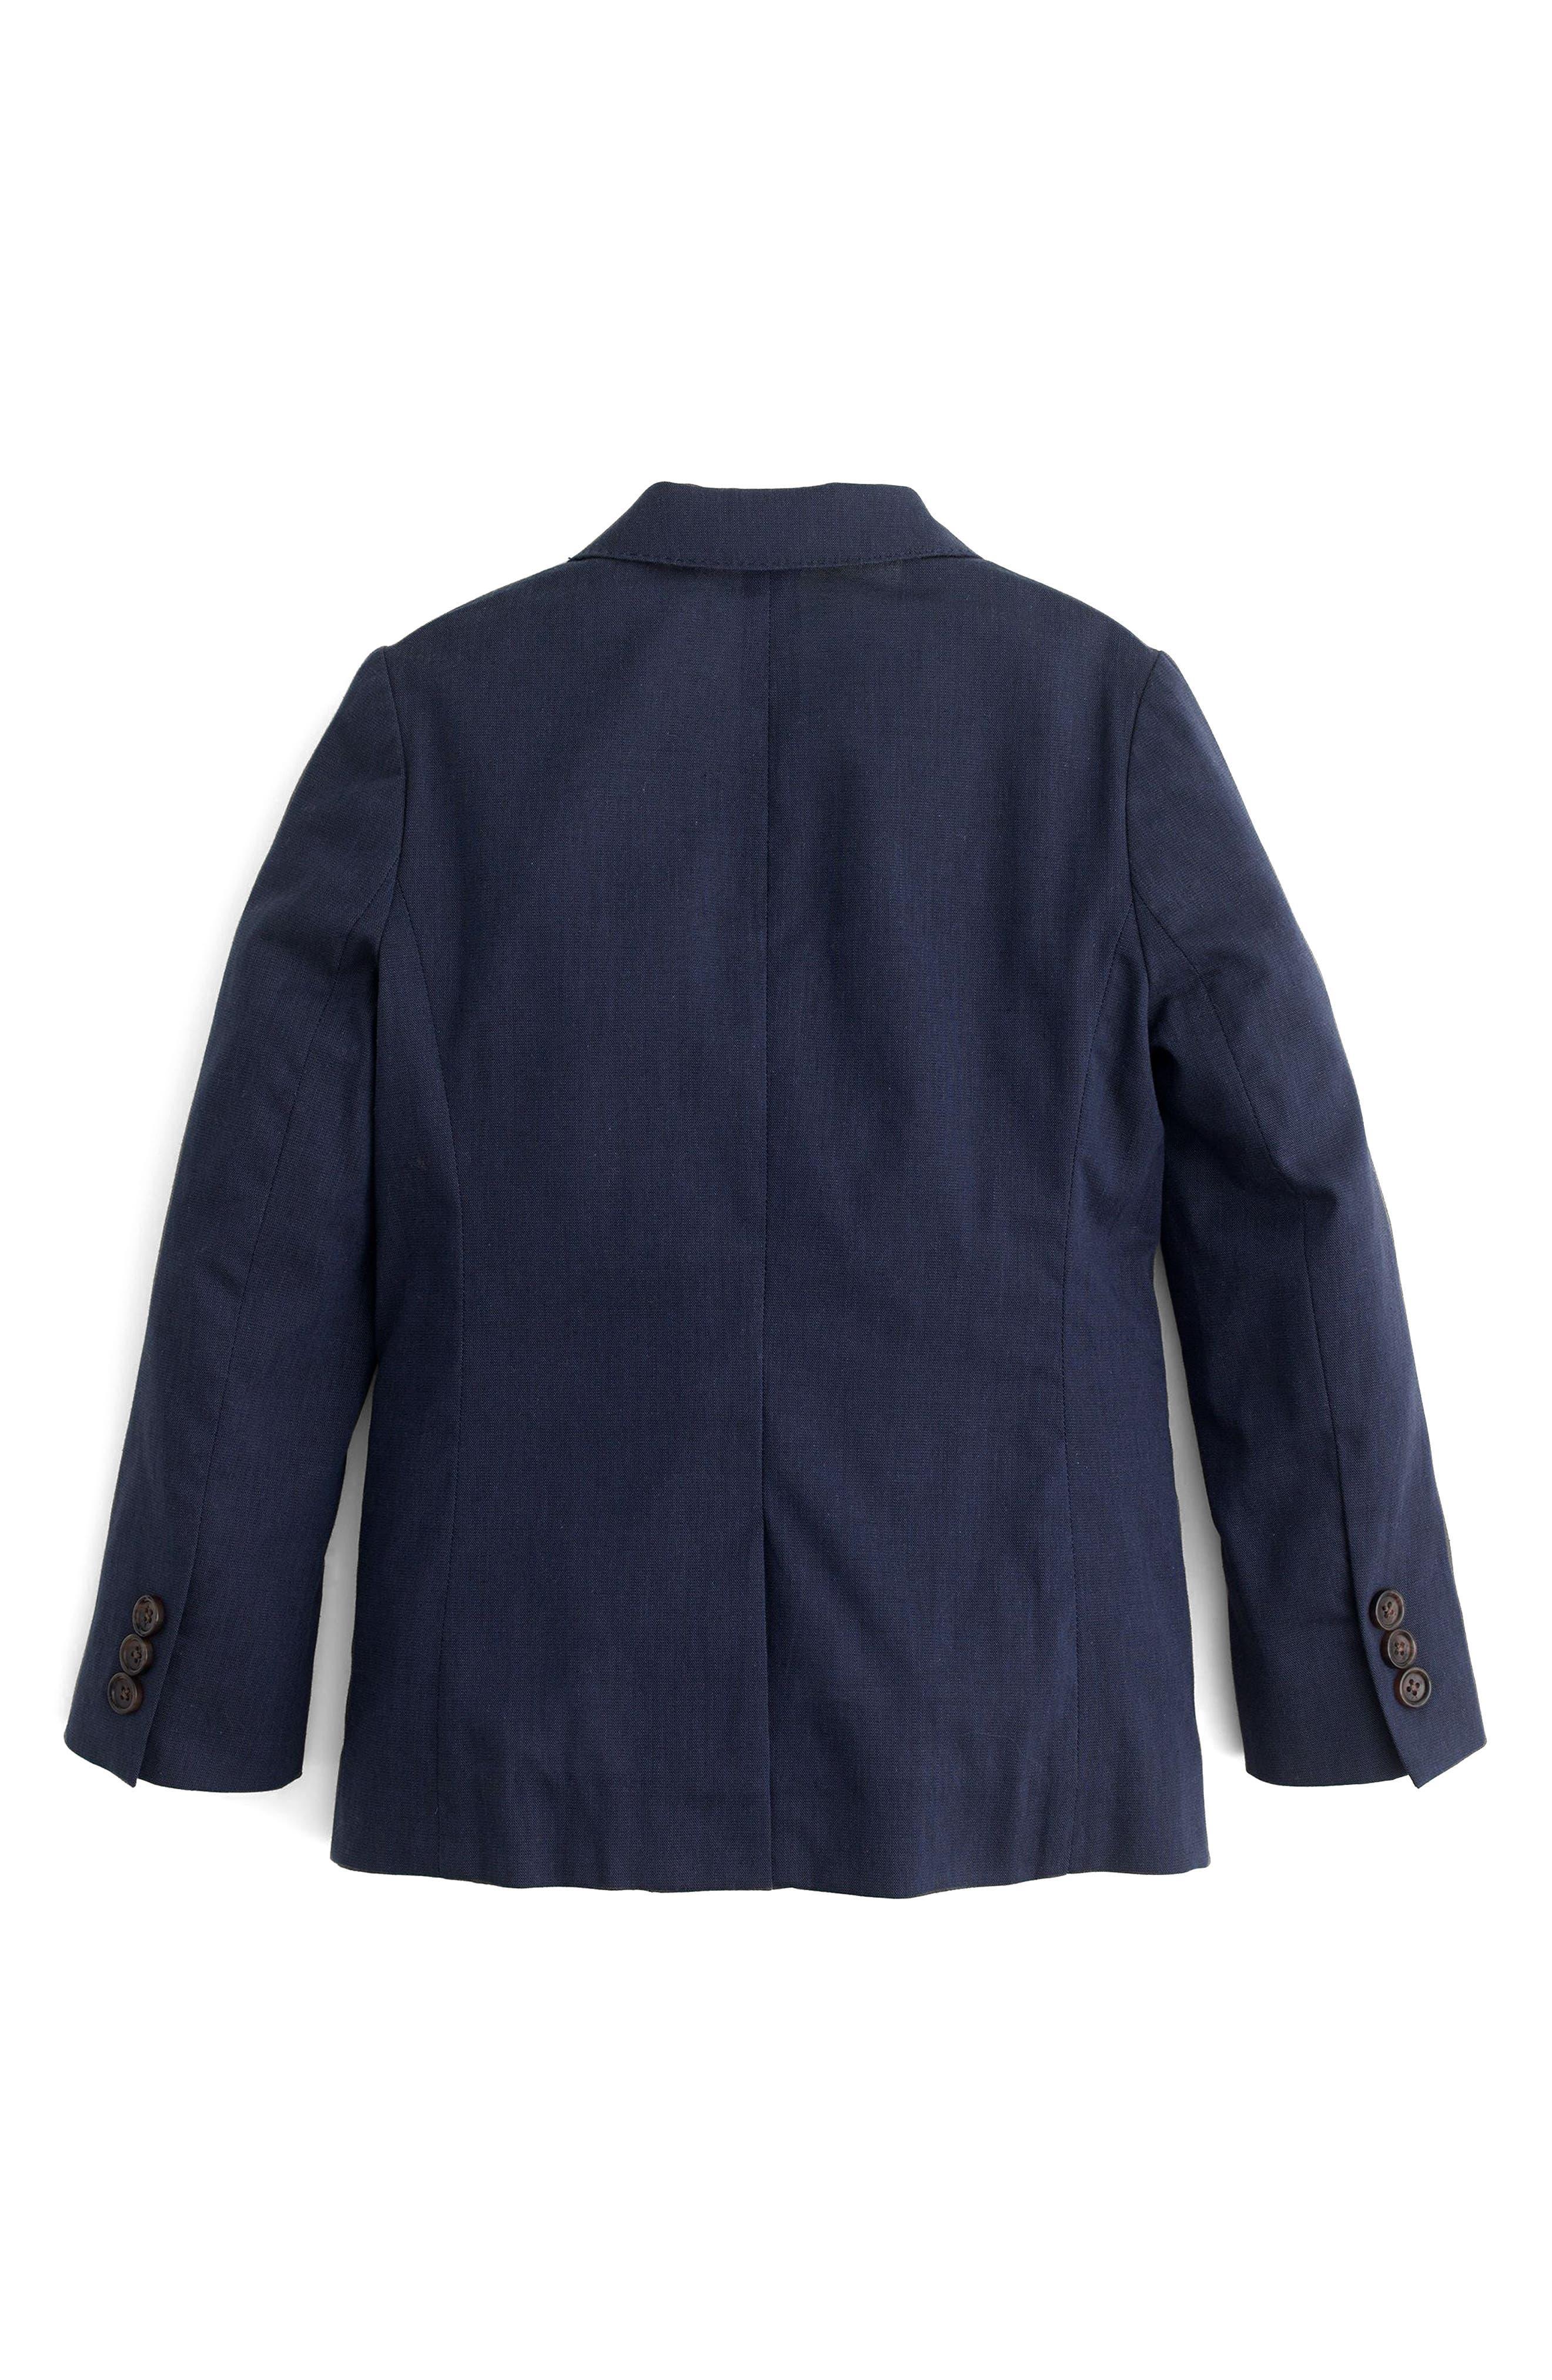 Ludlow Unstructured Suit Jacket,                             Alternate thumbnail 2, color,                             400